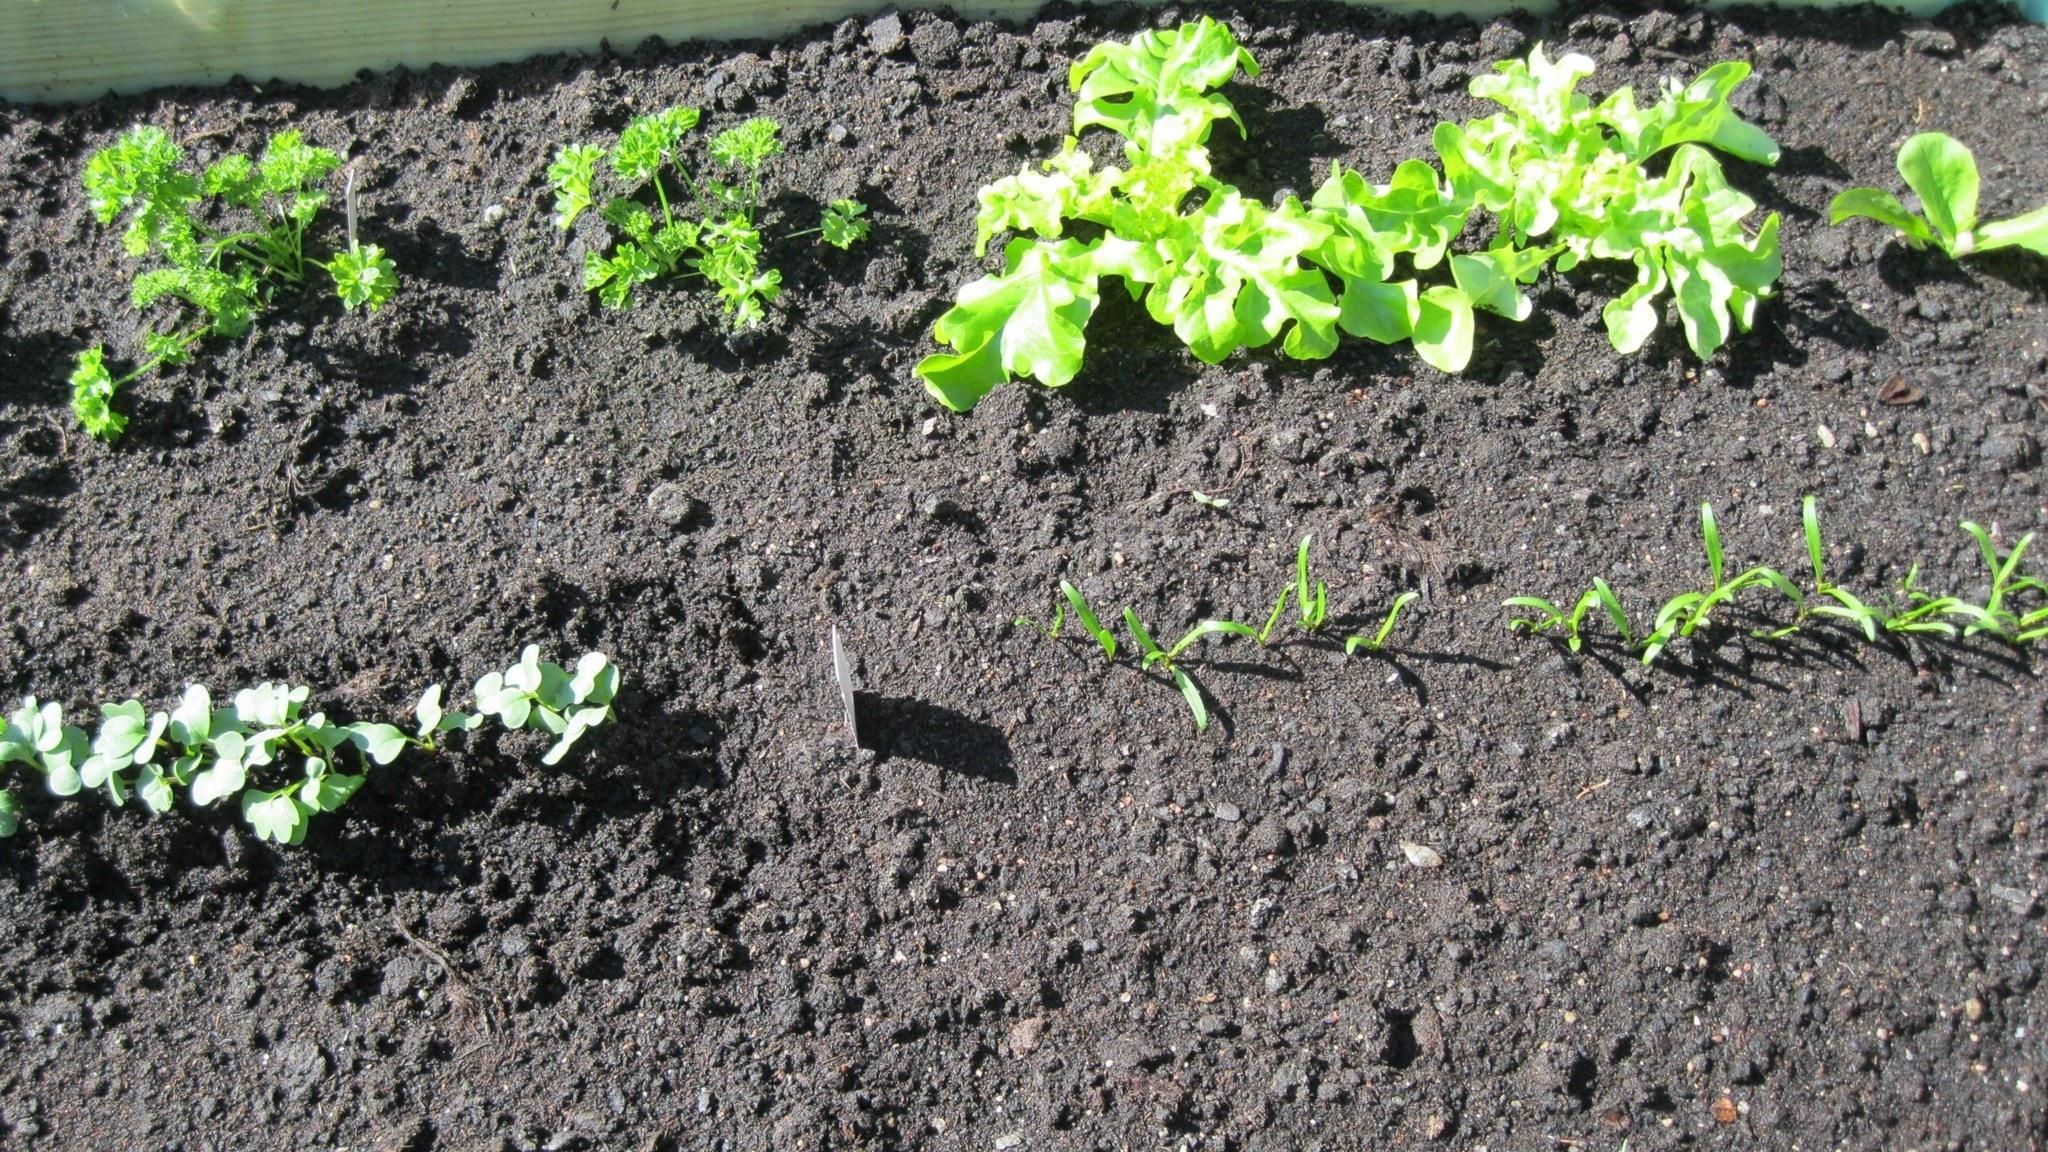 Sådden har kommit upp och plantorna vuxit. Foto: Ulla de Verdier/SR